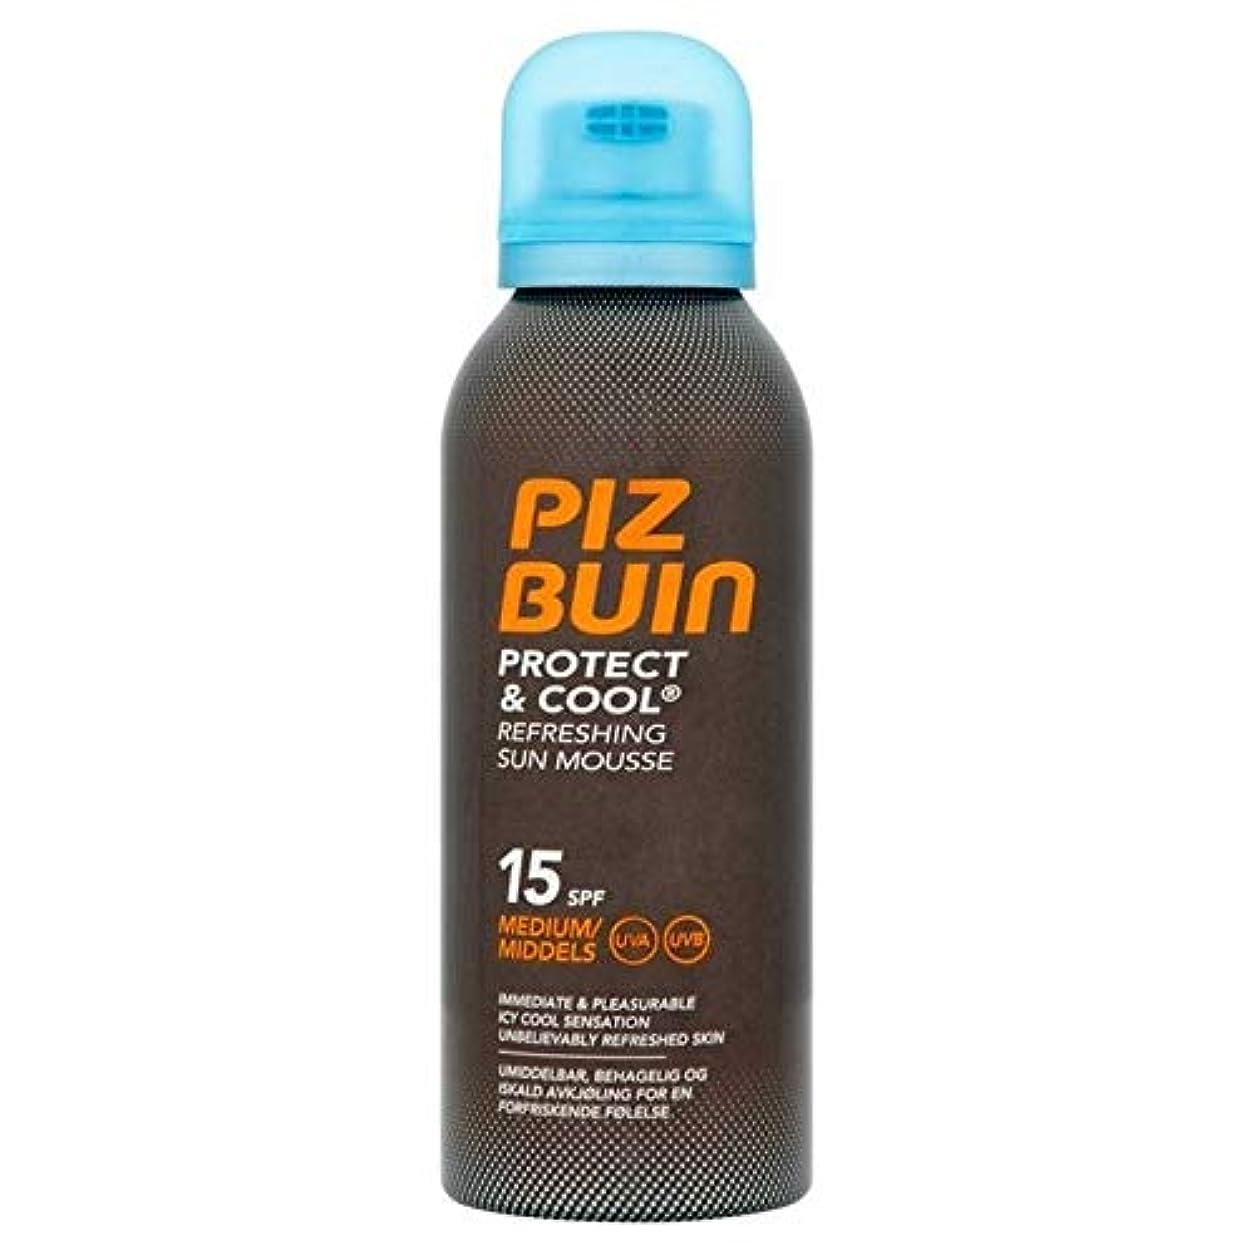 文芸肌寒い代表団[Piz Buin] ピッツのBuinのは、太陽のムースSpf15の150ミリリットルを保護&クール - Piz Buin Protect & Cool Sun Mousse SPF15 150ml [並行輸入品]